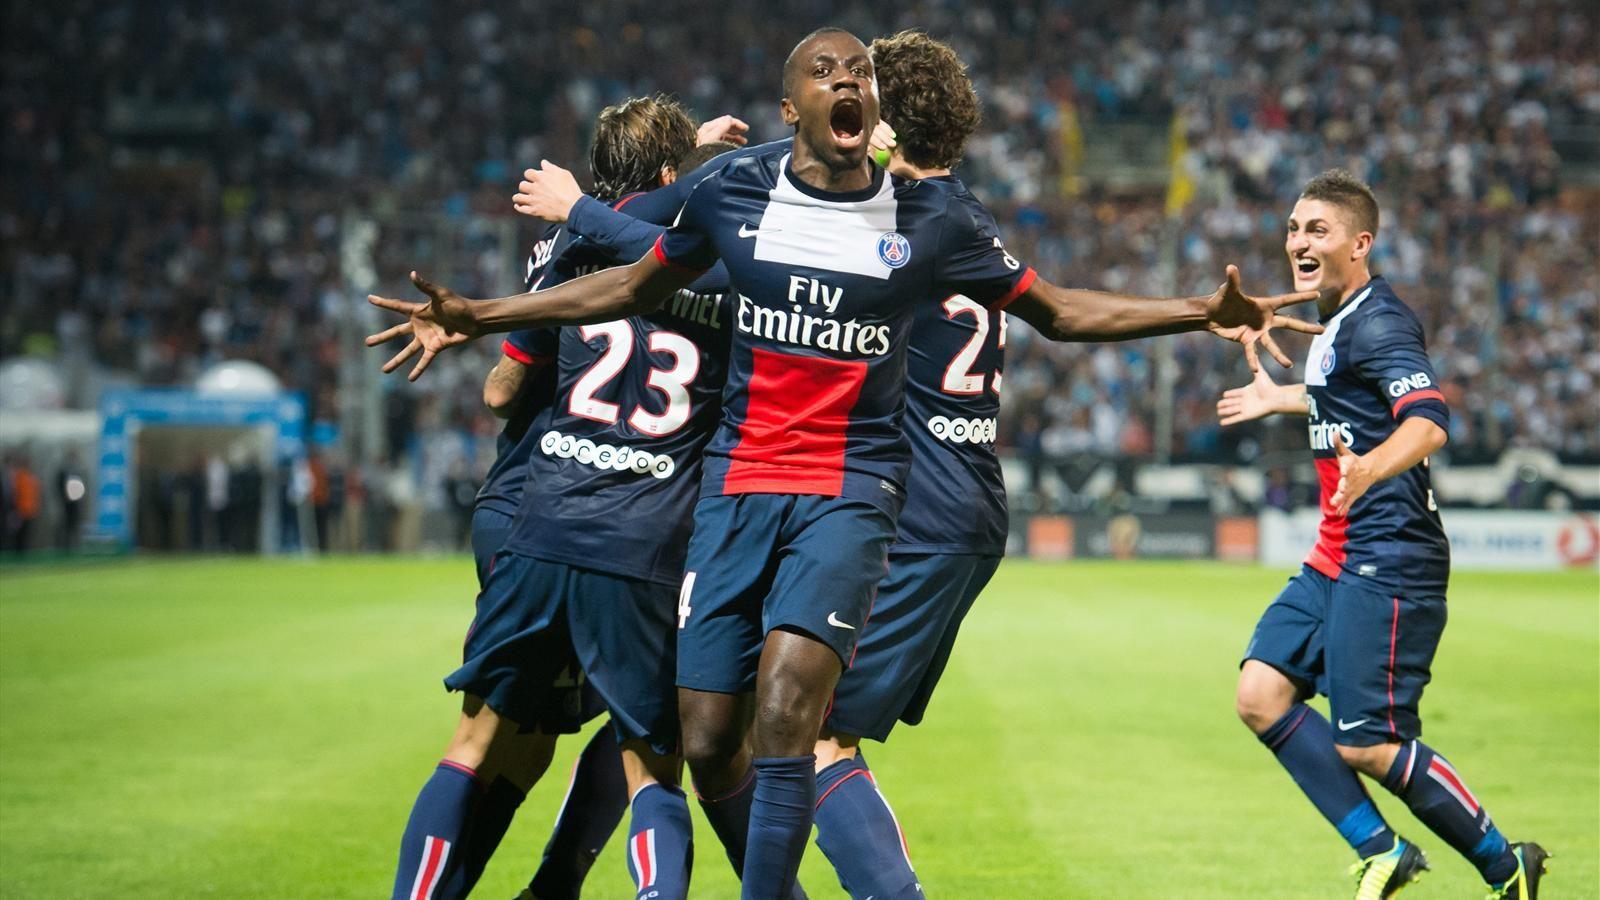 Le Top 10 des champions de France Psg, Football club